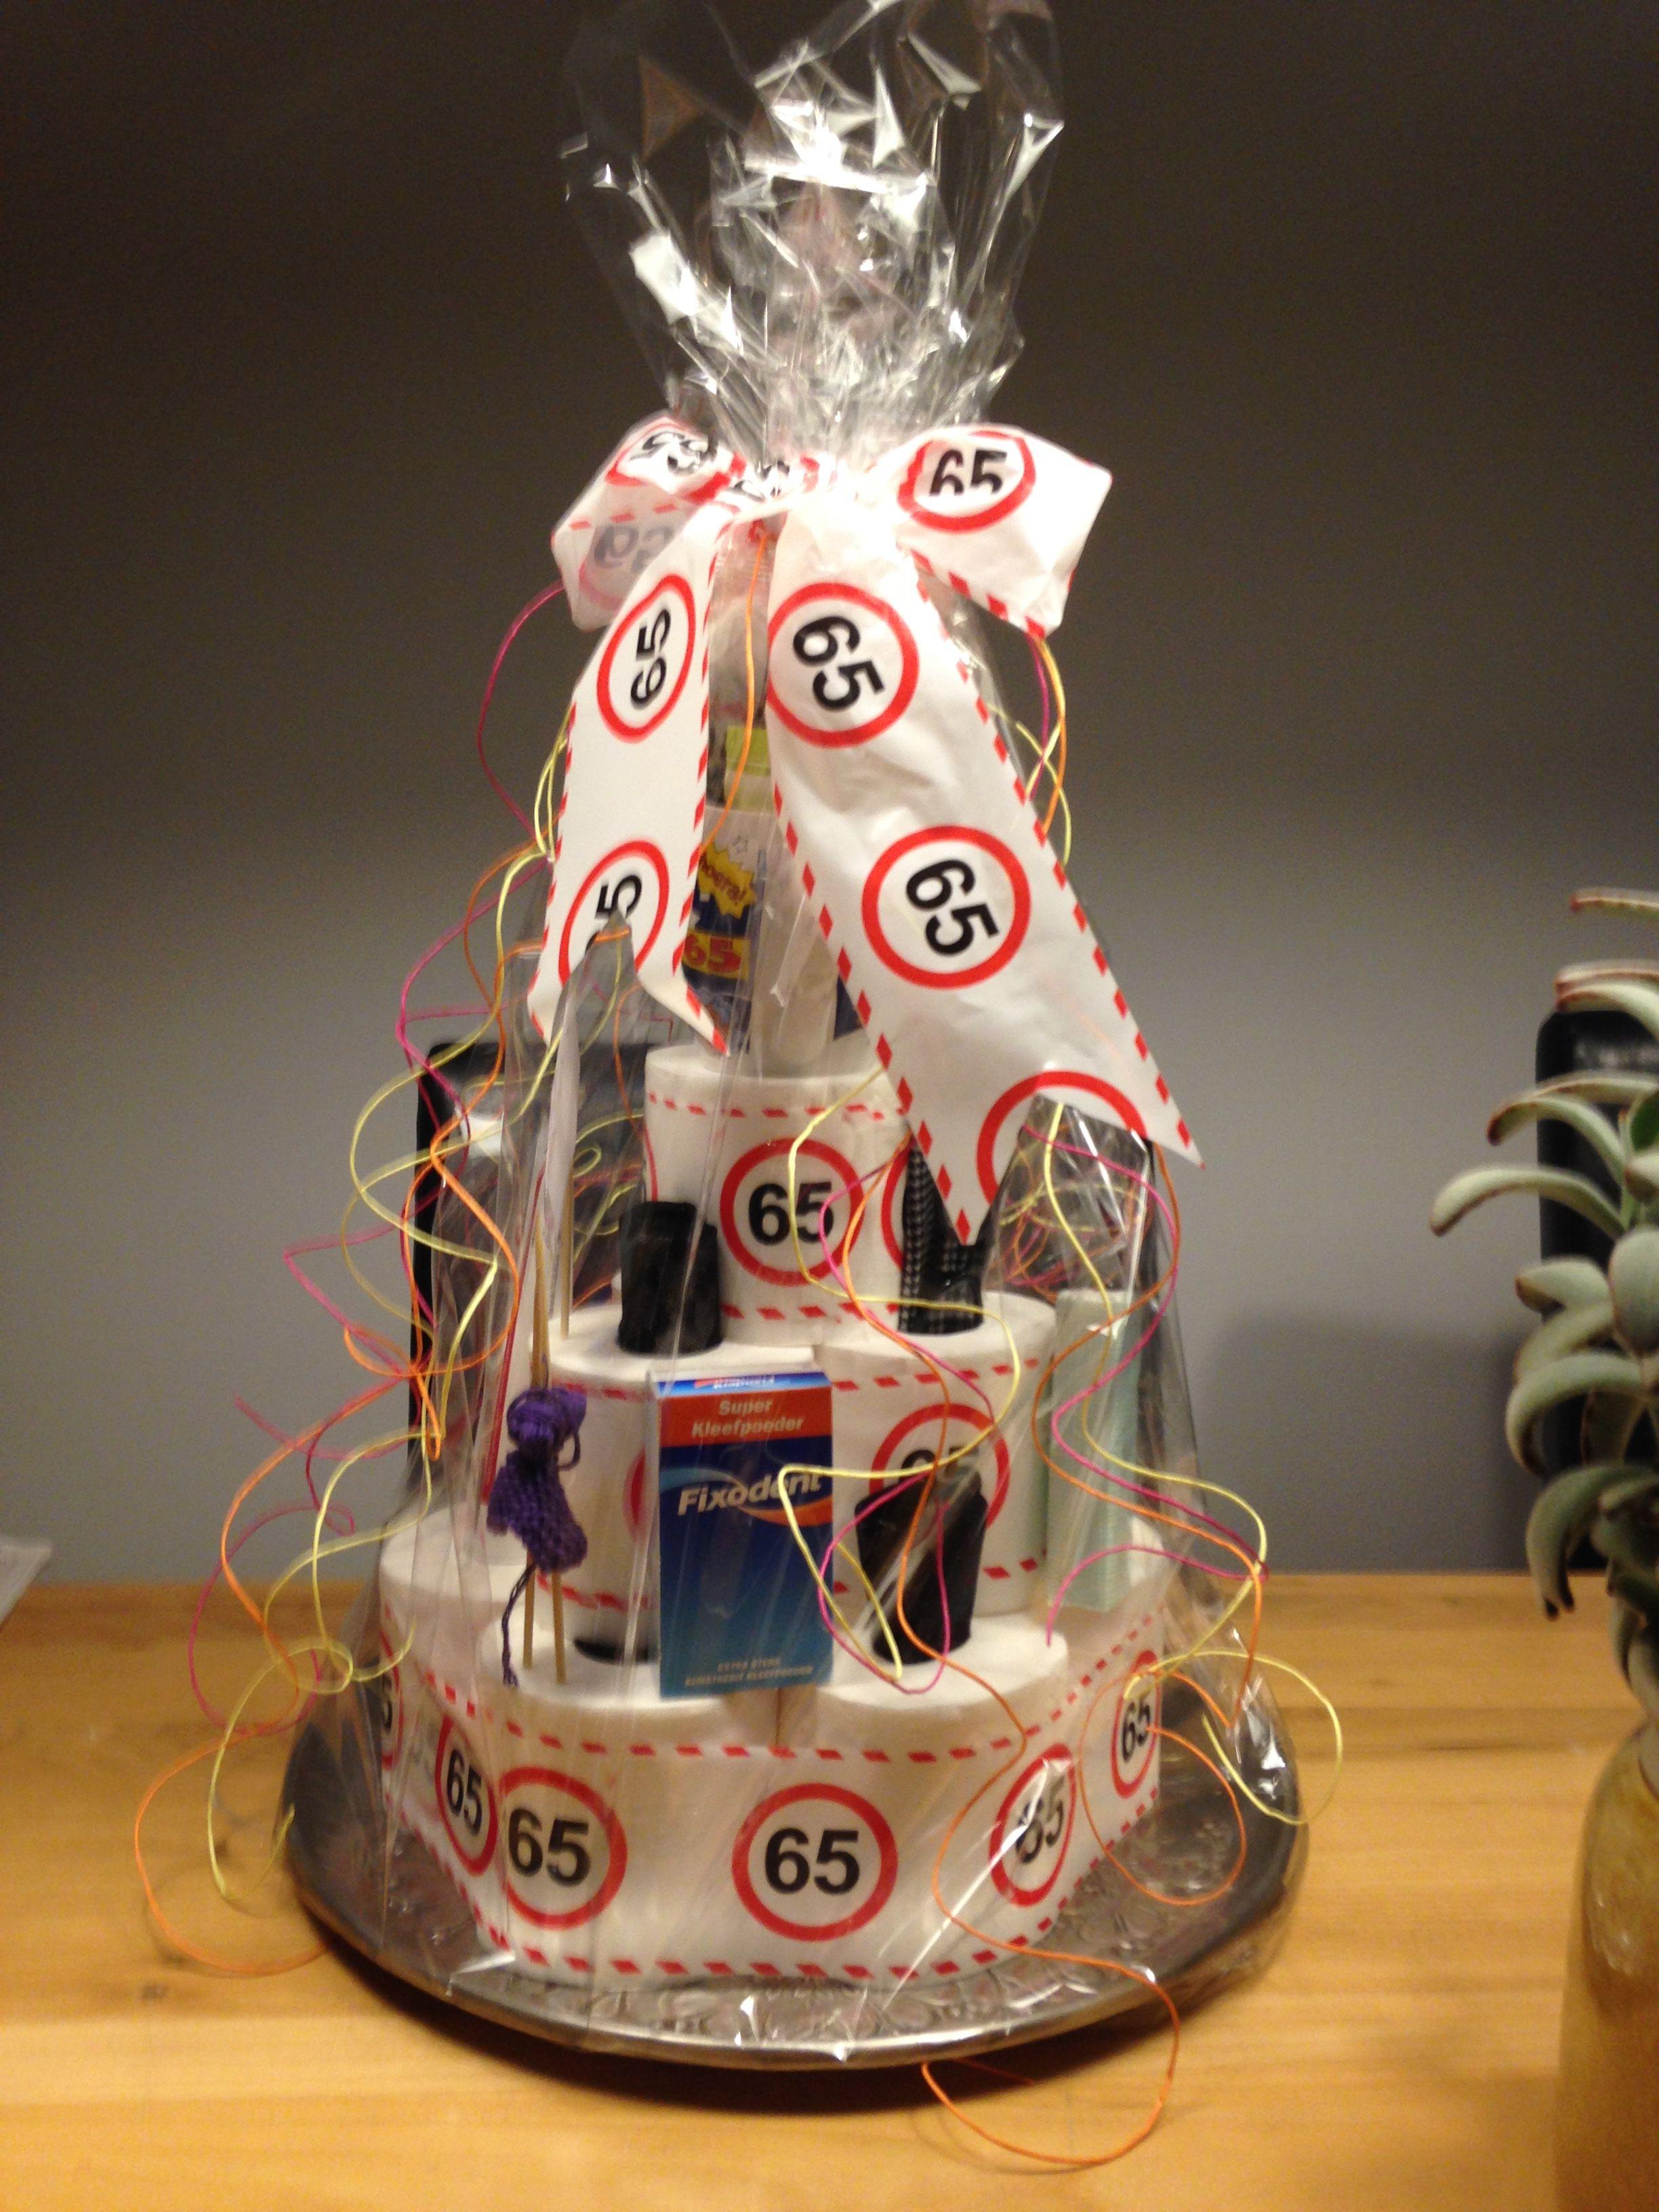 Iets Nieuws Schijt aan mijn leeftijd taart! | cadeautips | Pinterest - Gifts &MP83